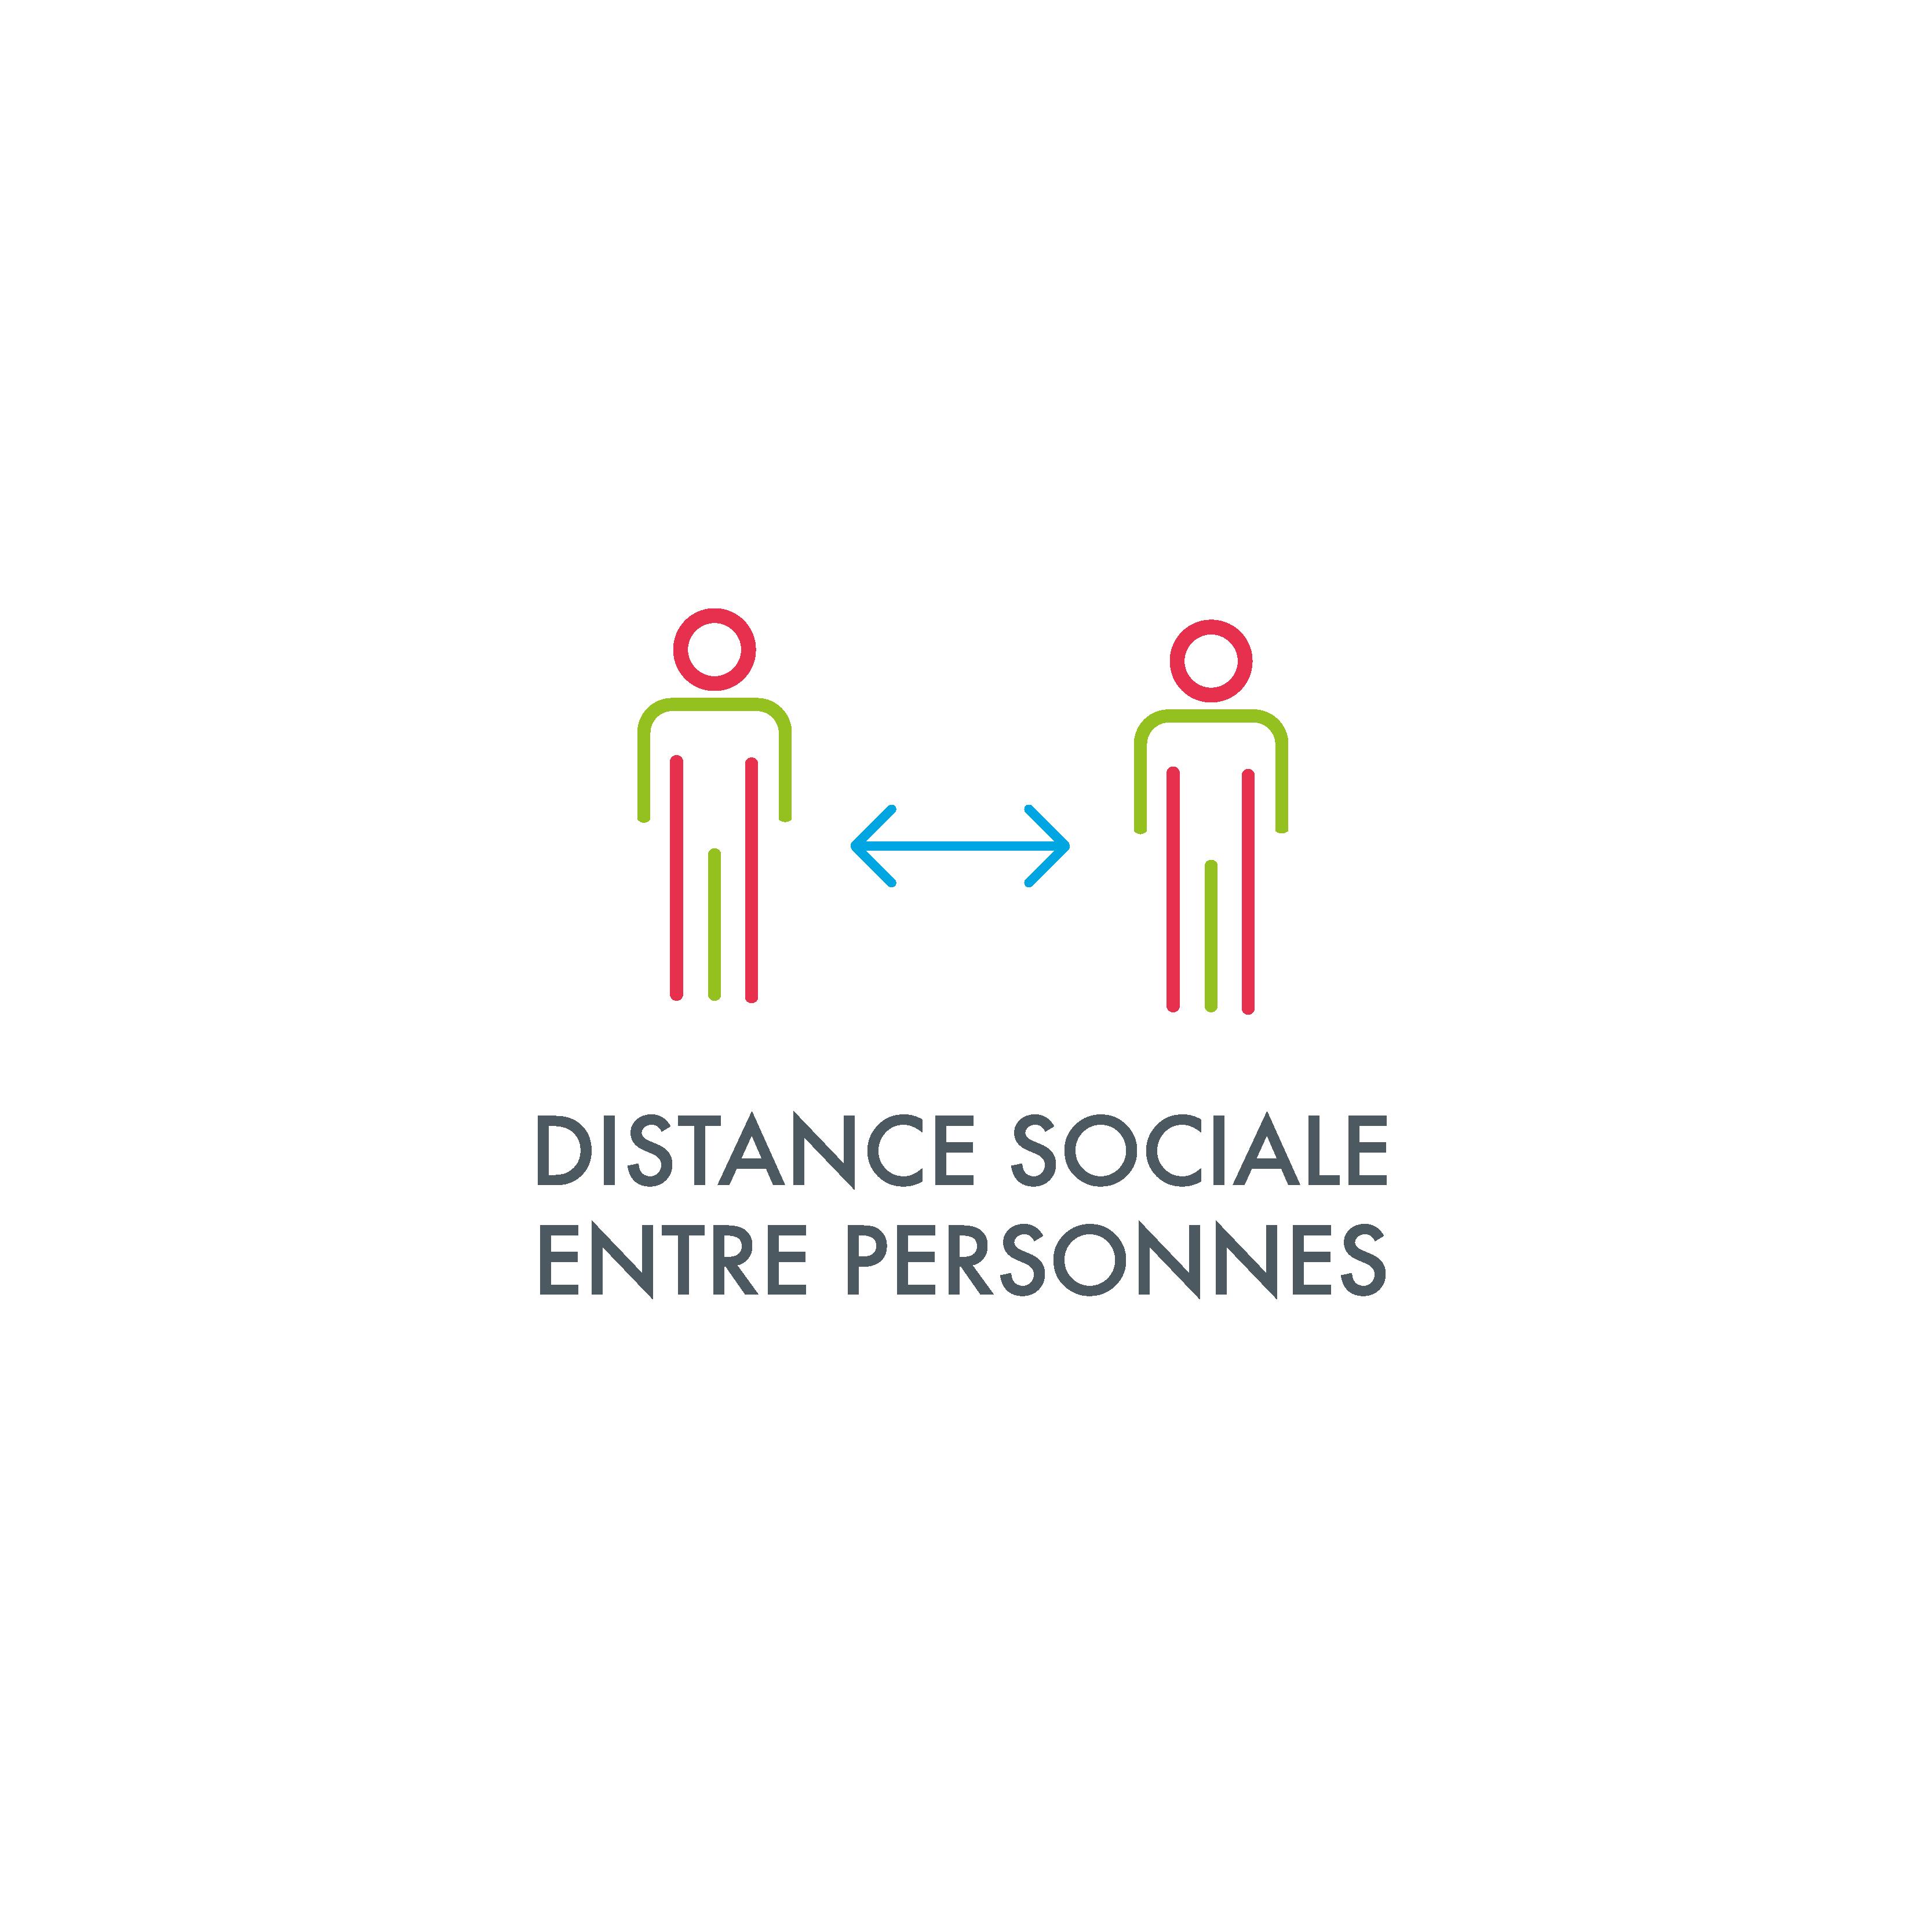 Distance_sociale_entre_personnes